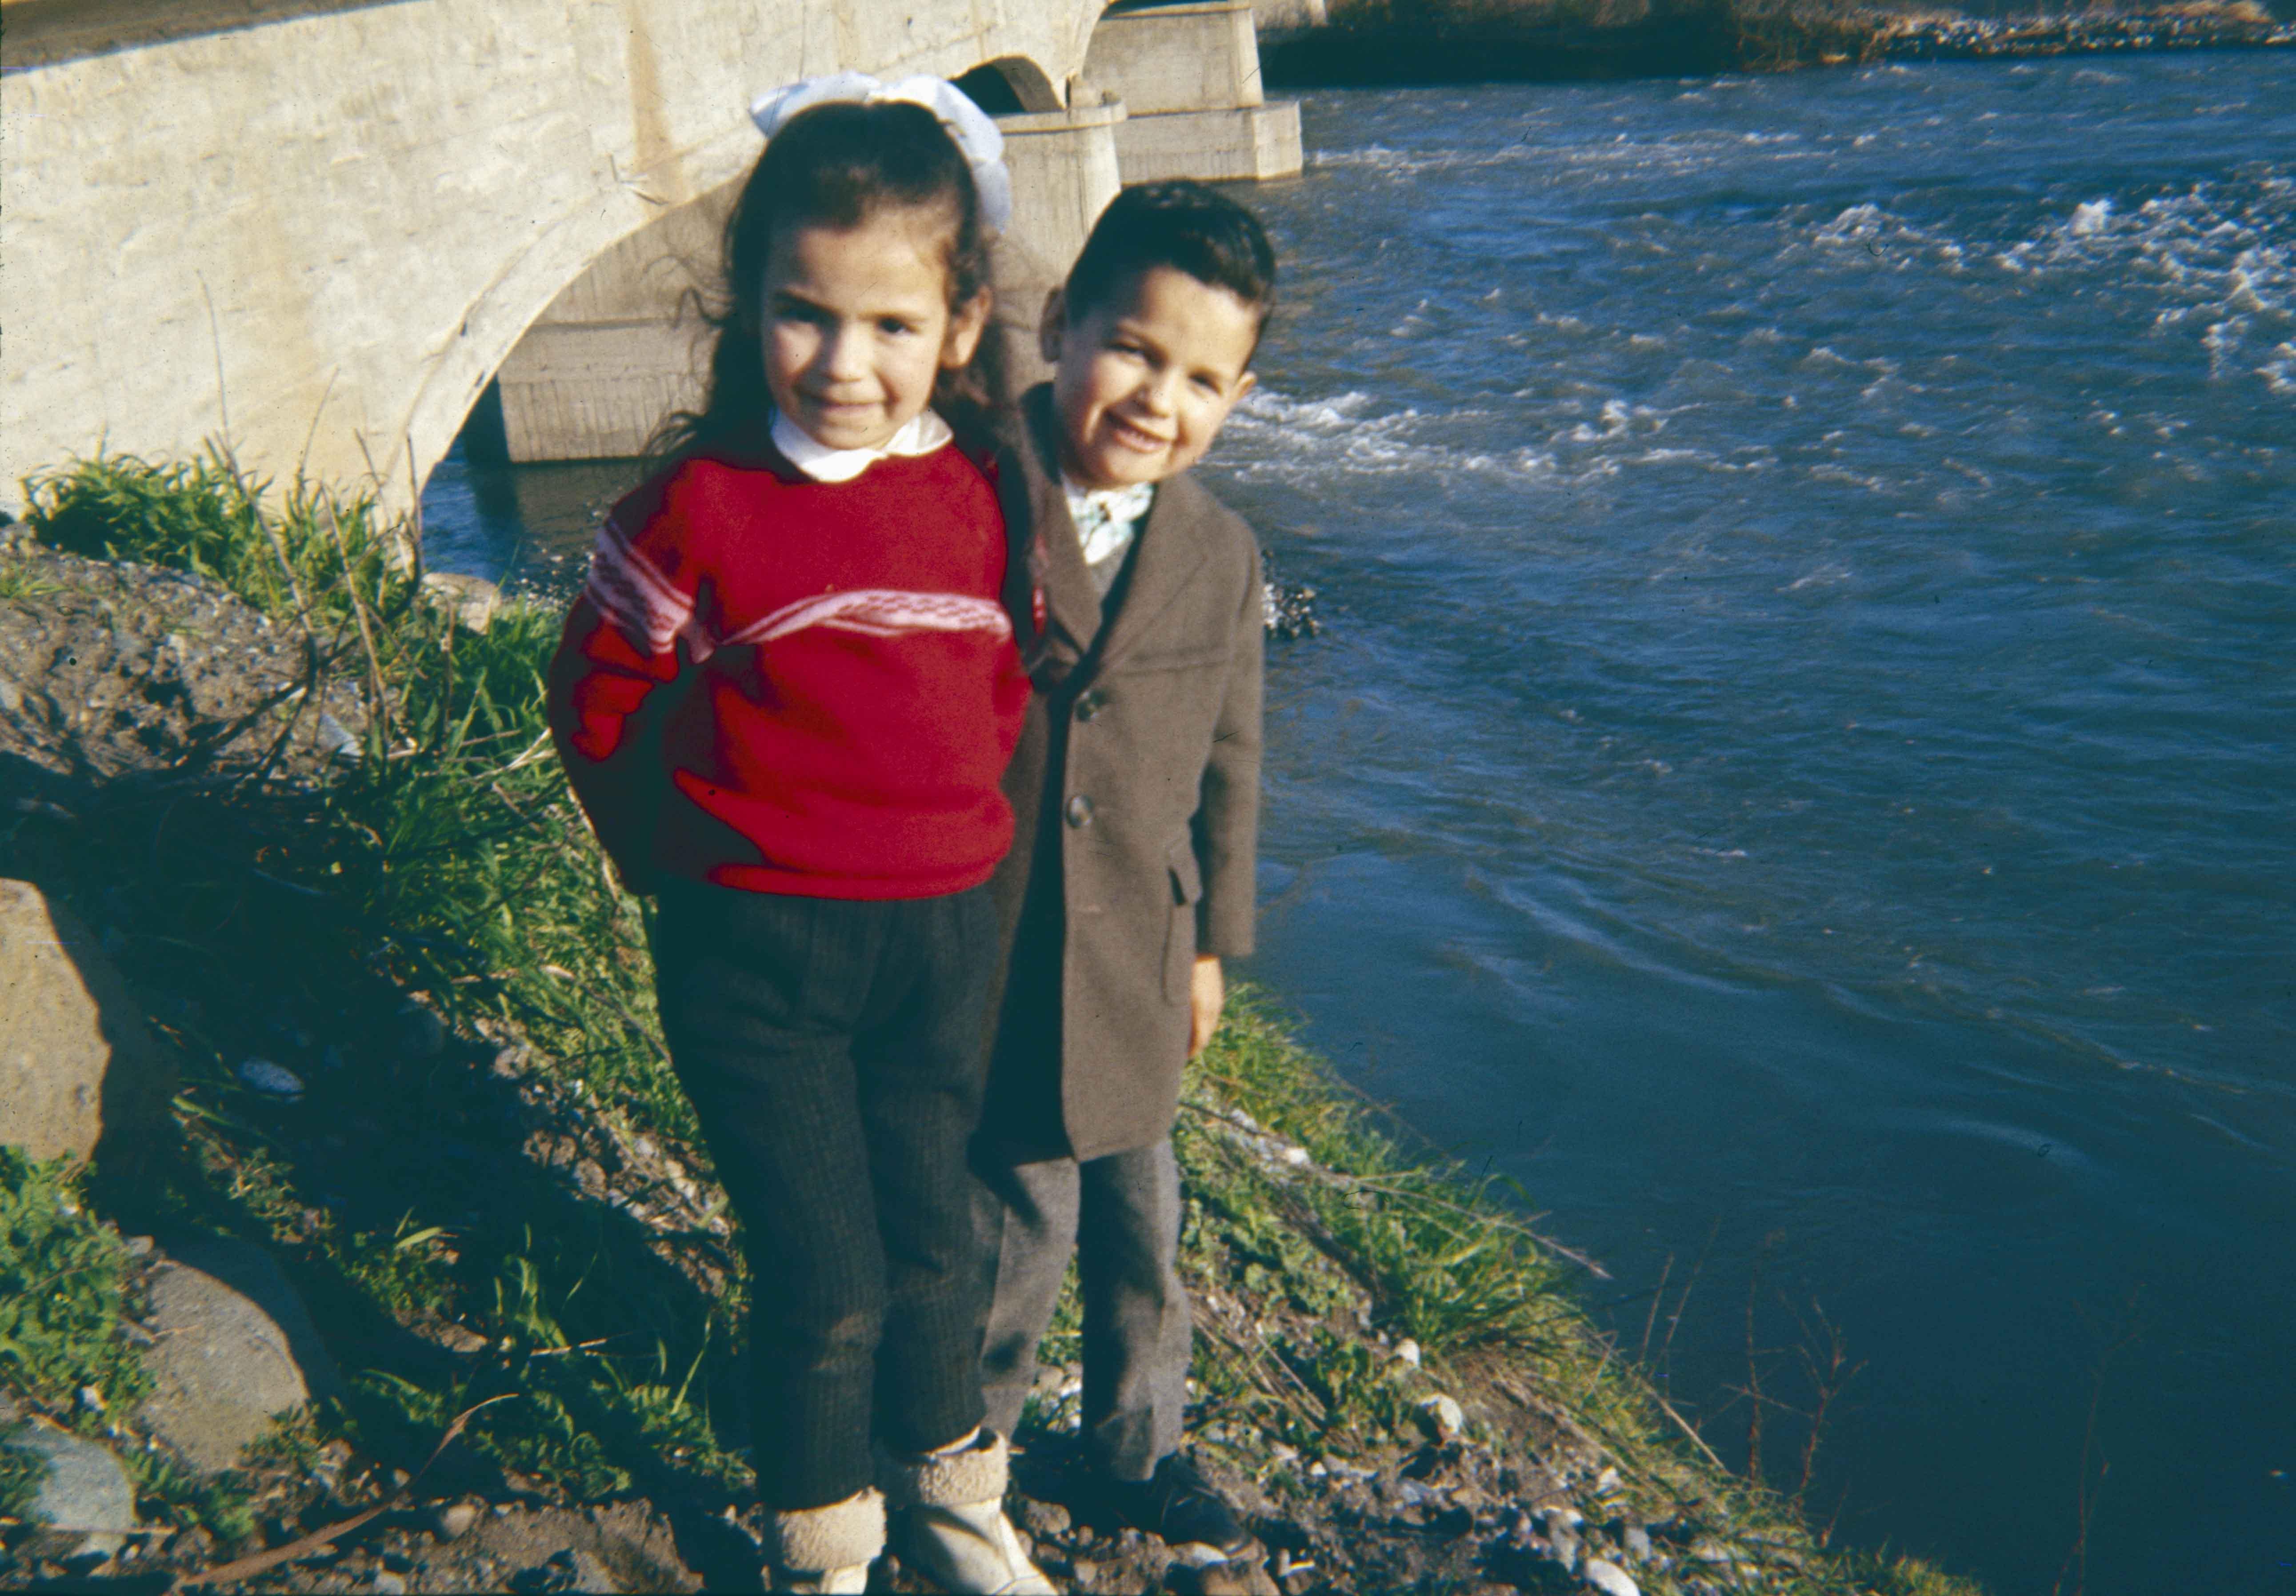 Enterreno - Fotos históricas de chile - fotos antiguas de Chile - Río Teno en los años 60